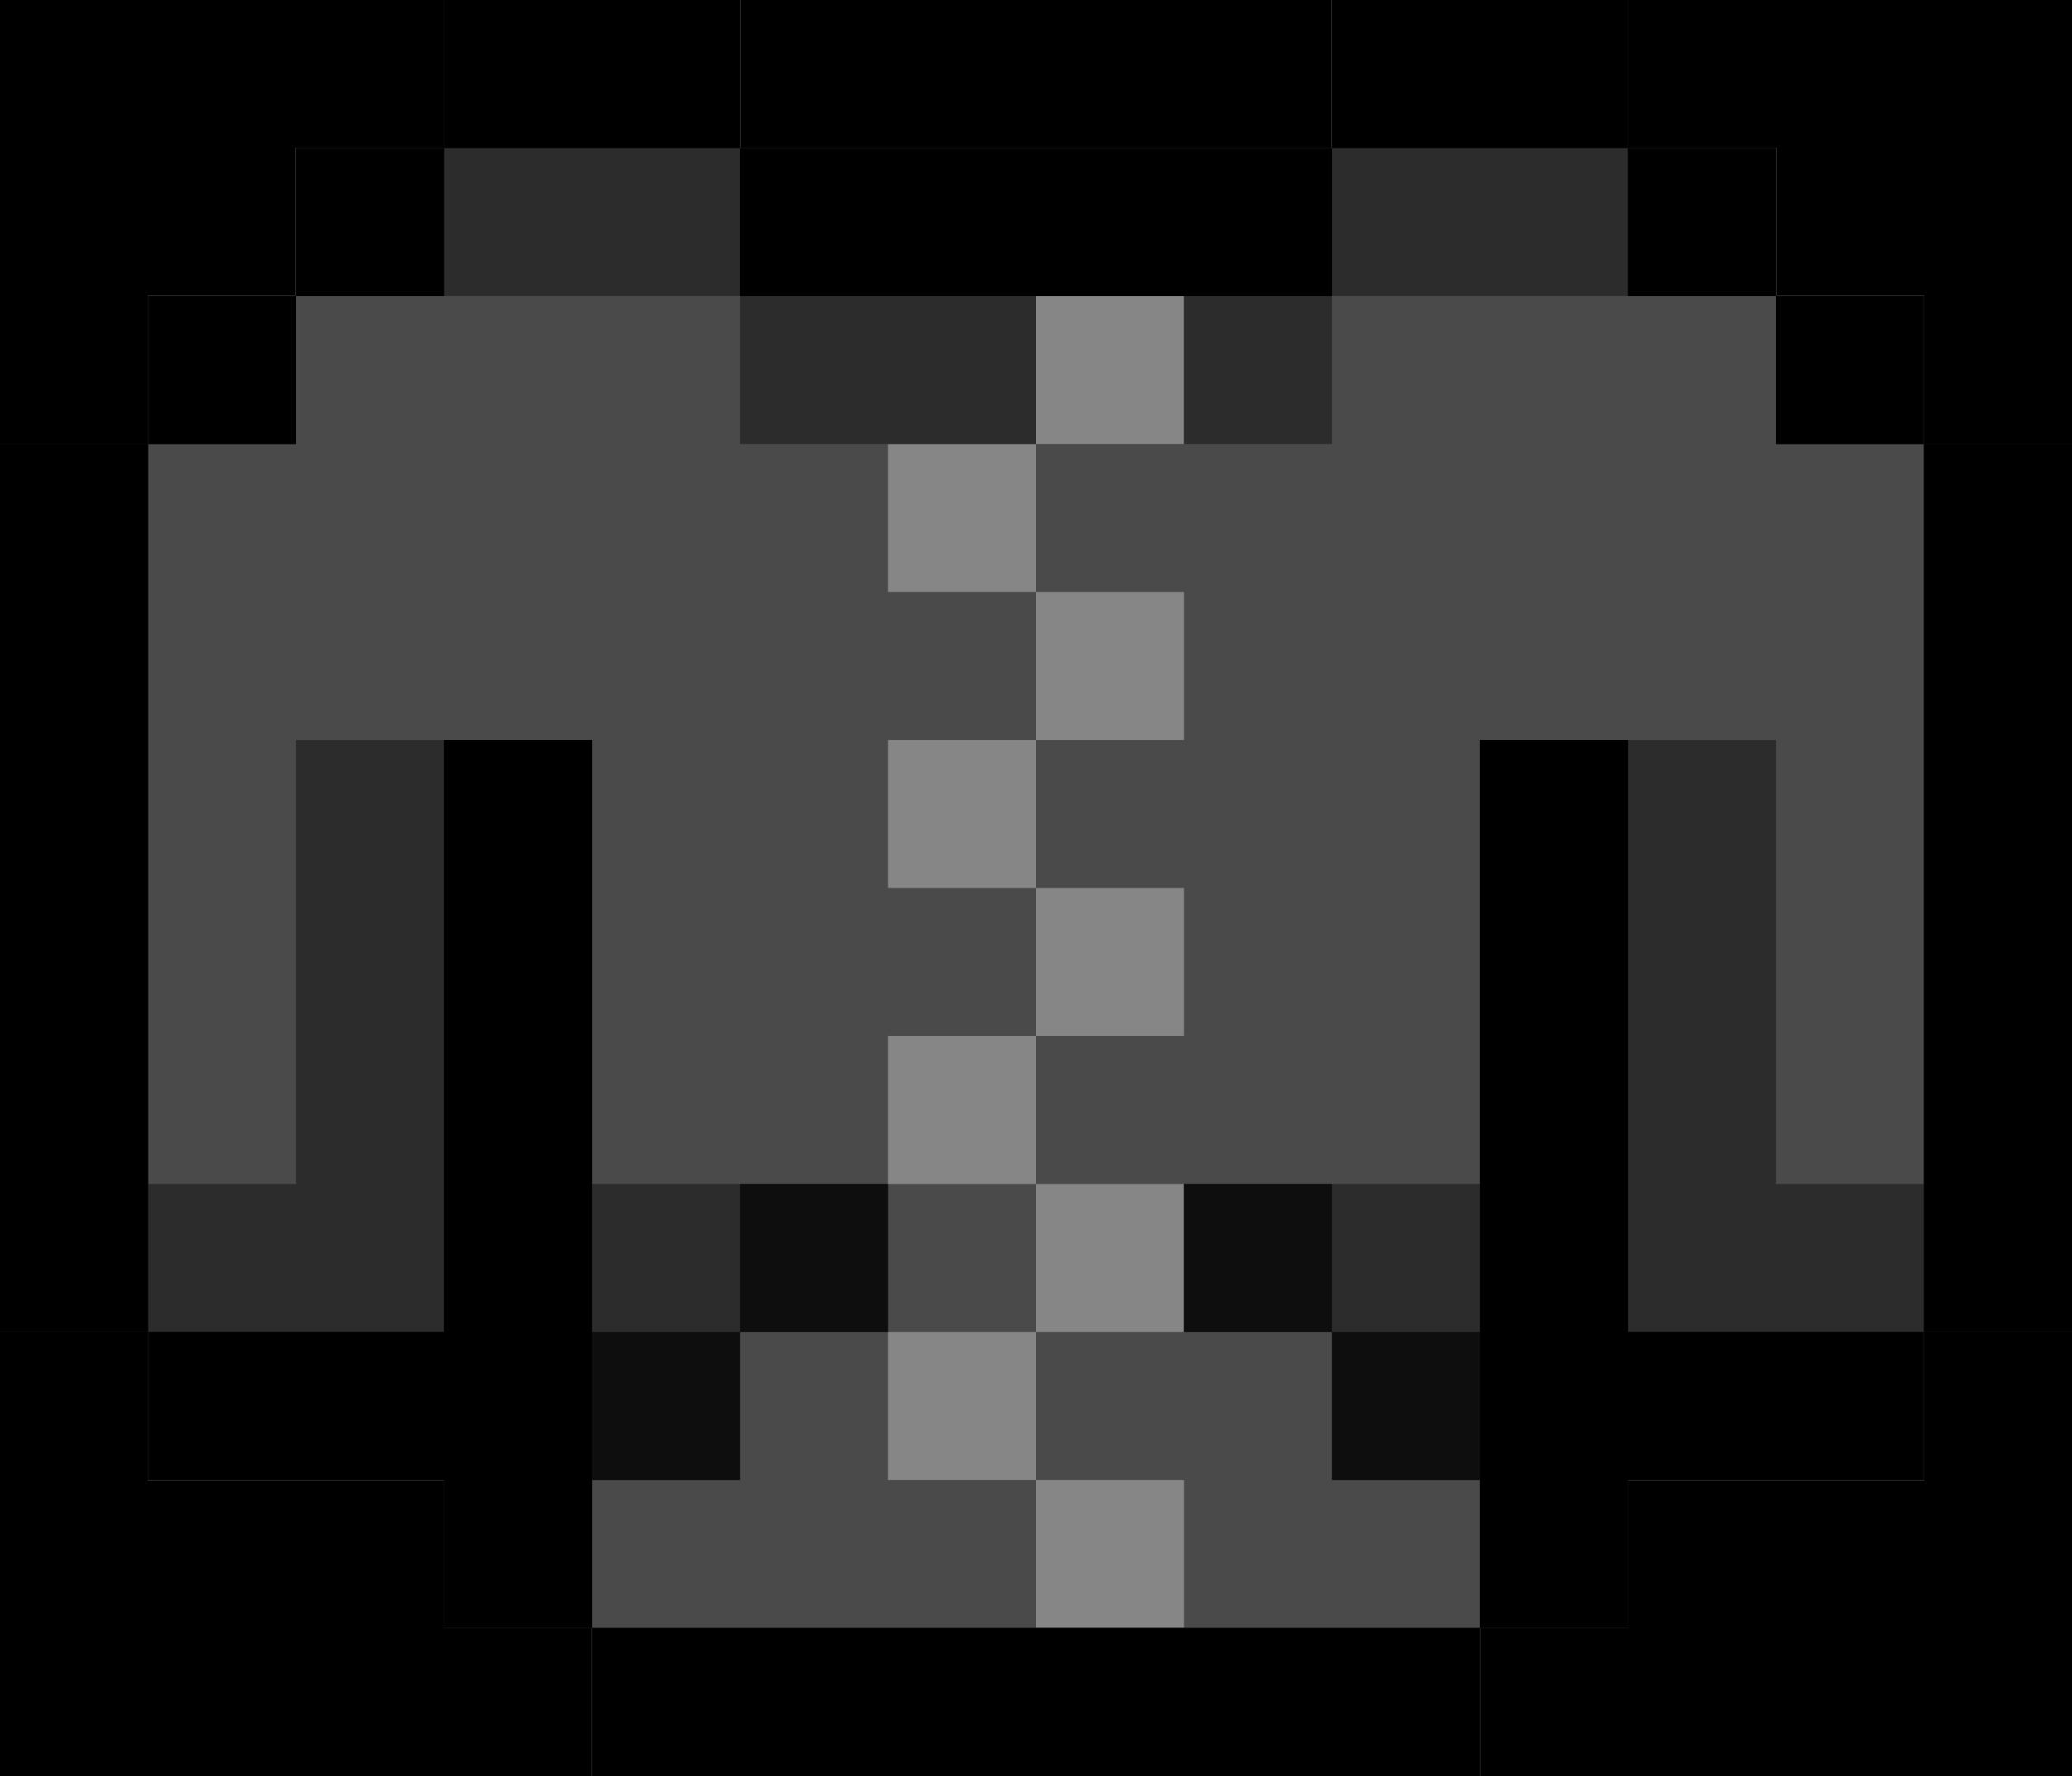 Coat. City clipart pixel